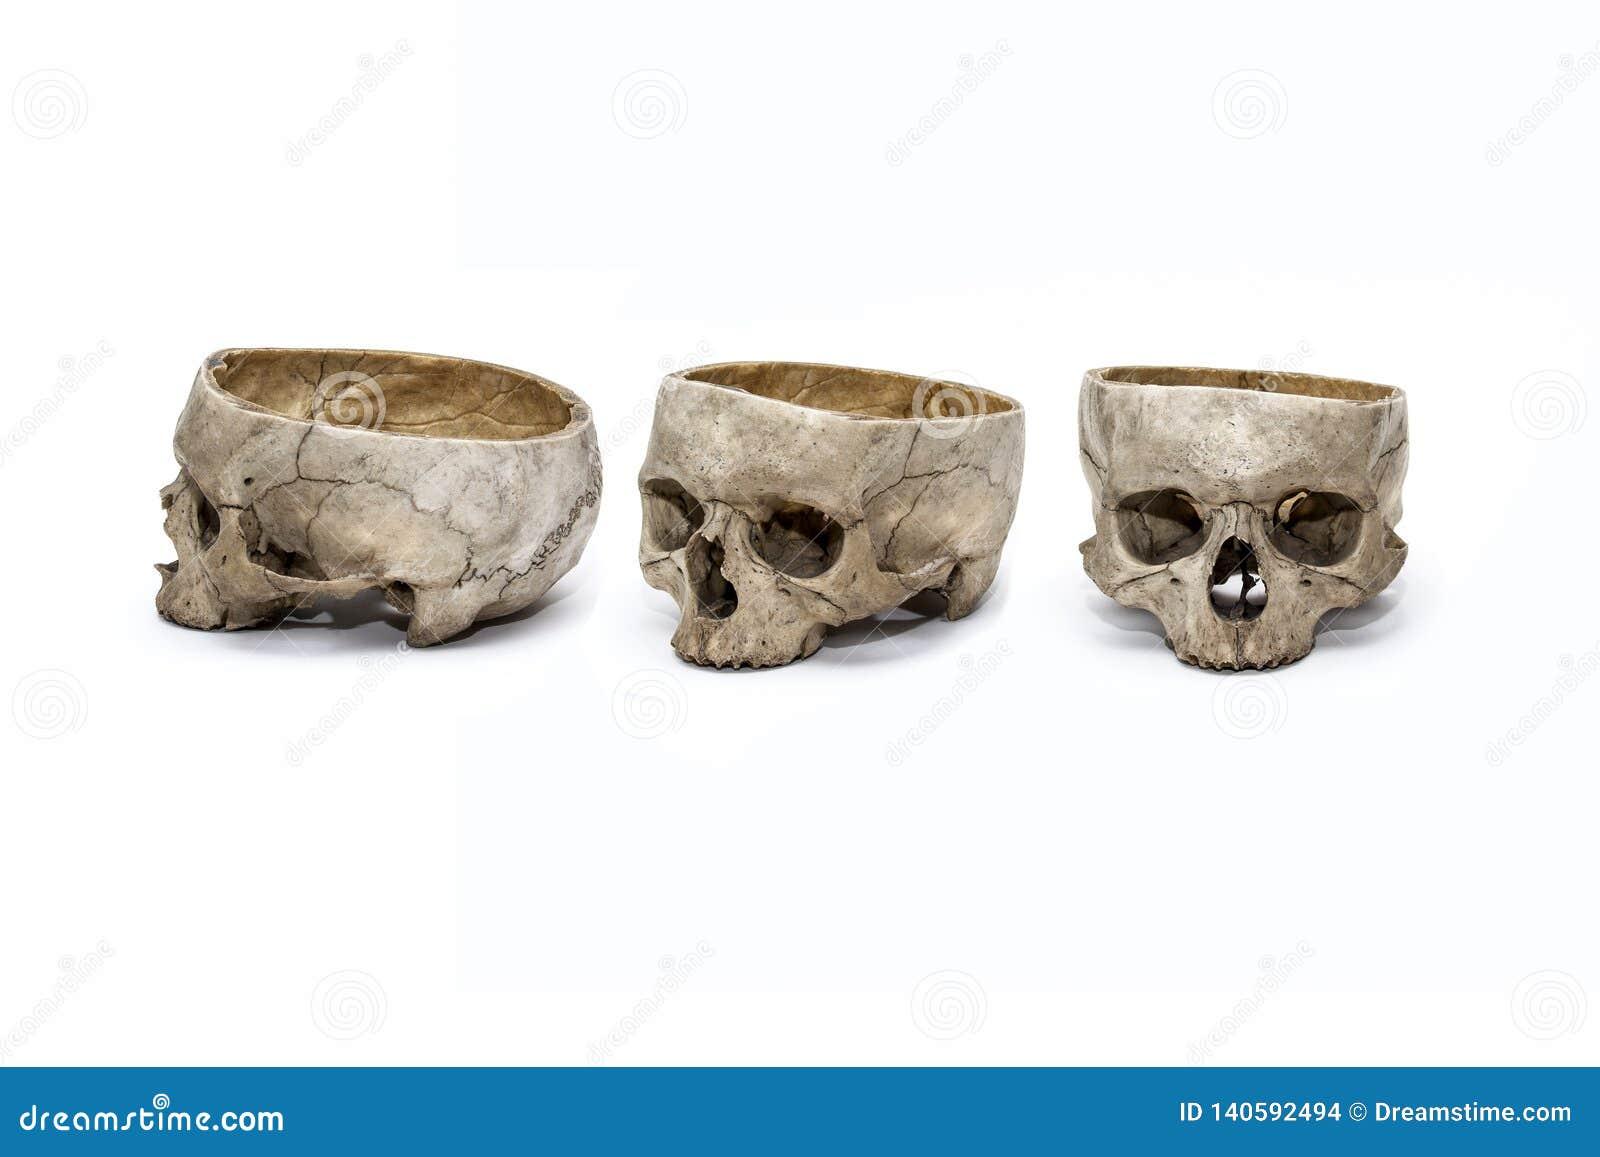 Cranio umano in tre posizioni